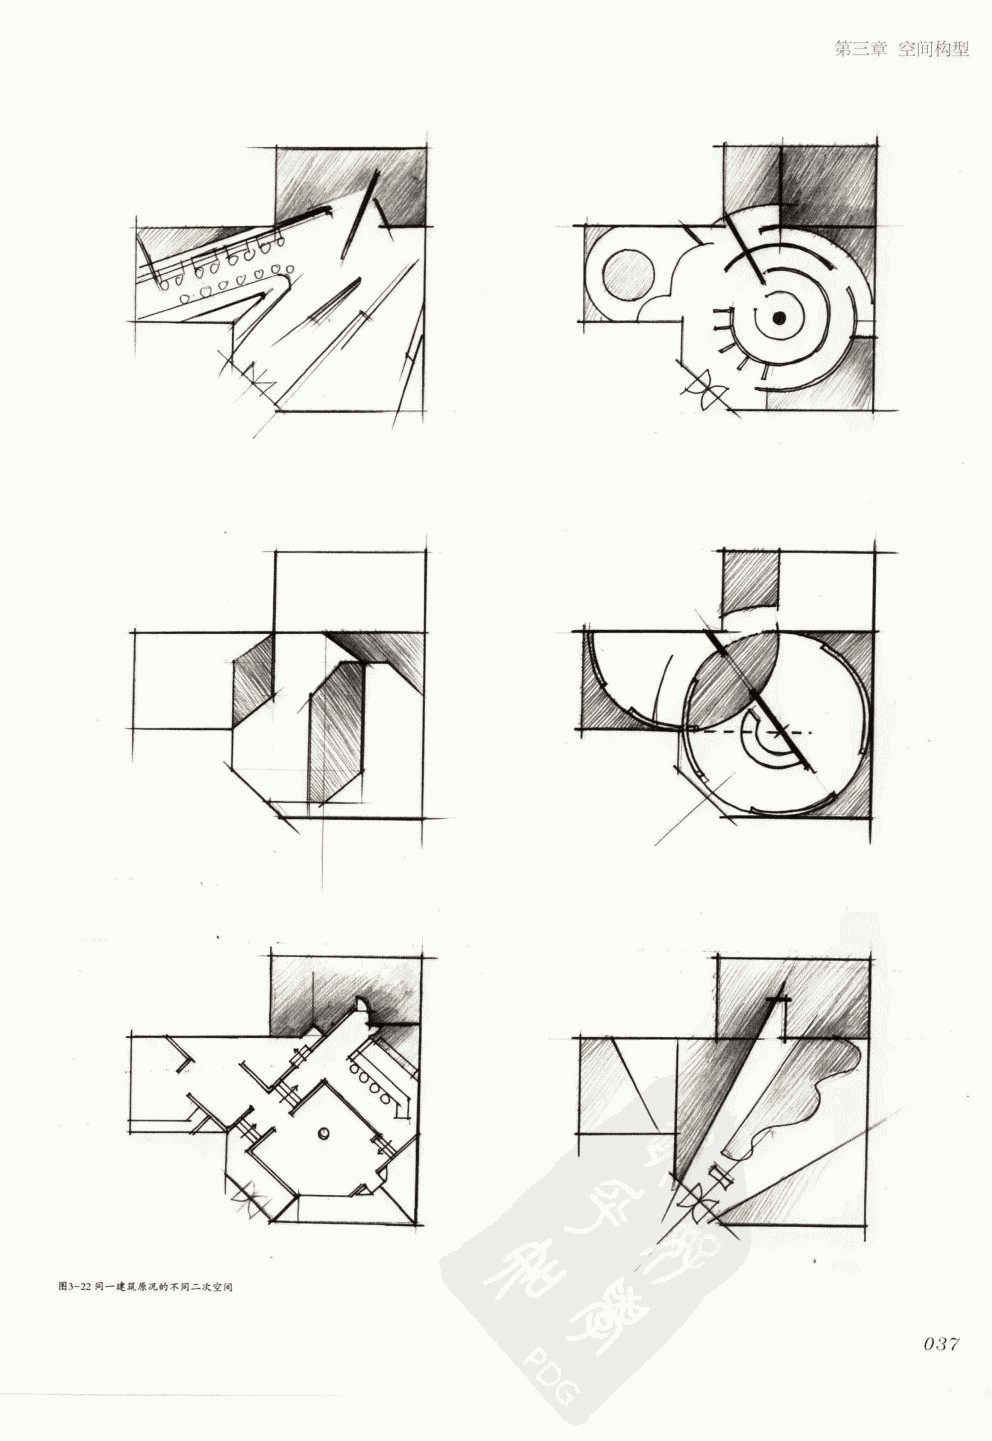 室内设计纲要++概念思考与过程表达_室内设计纲要  概念思考与过程表达_1297982..._页面_045.jpg